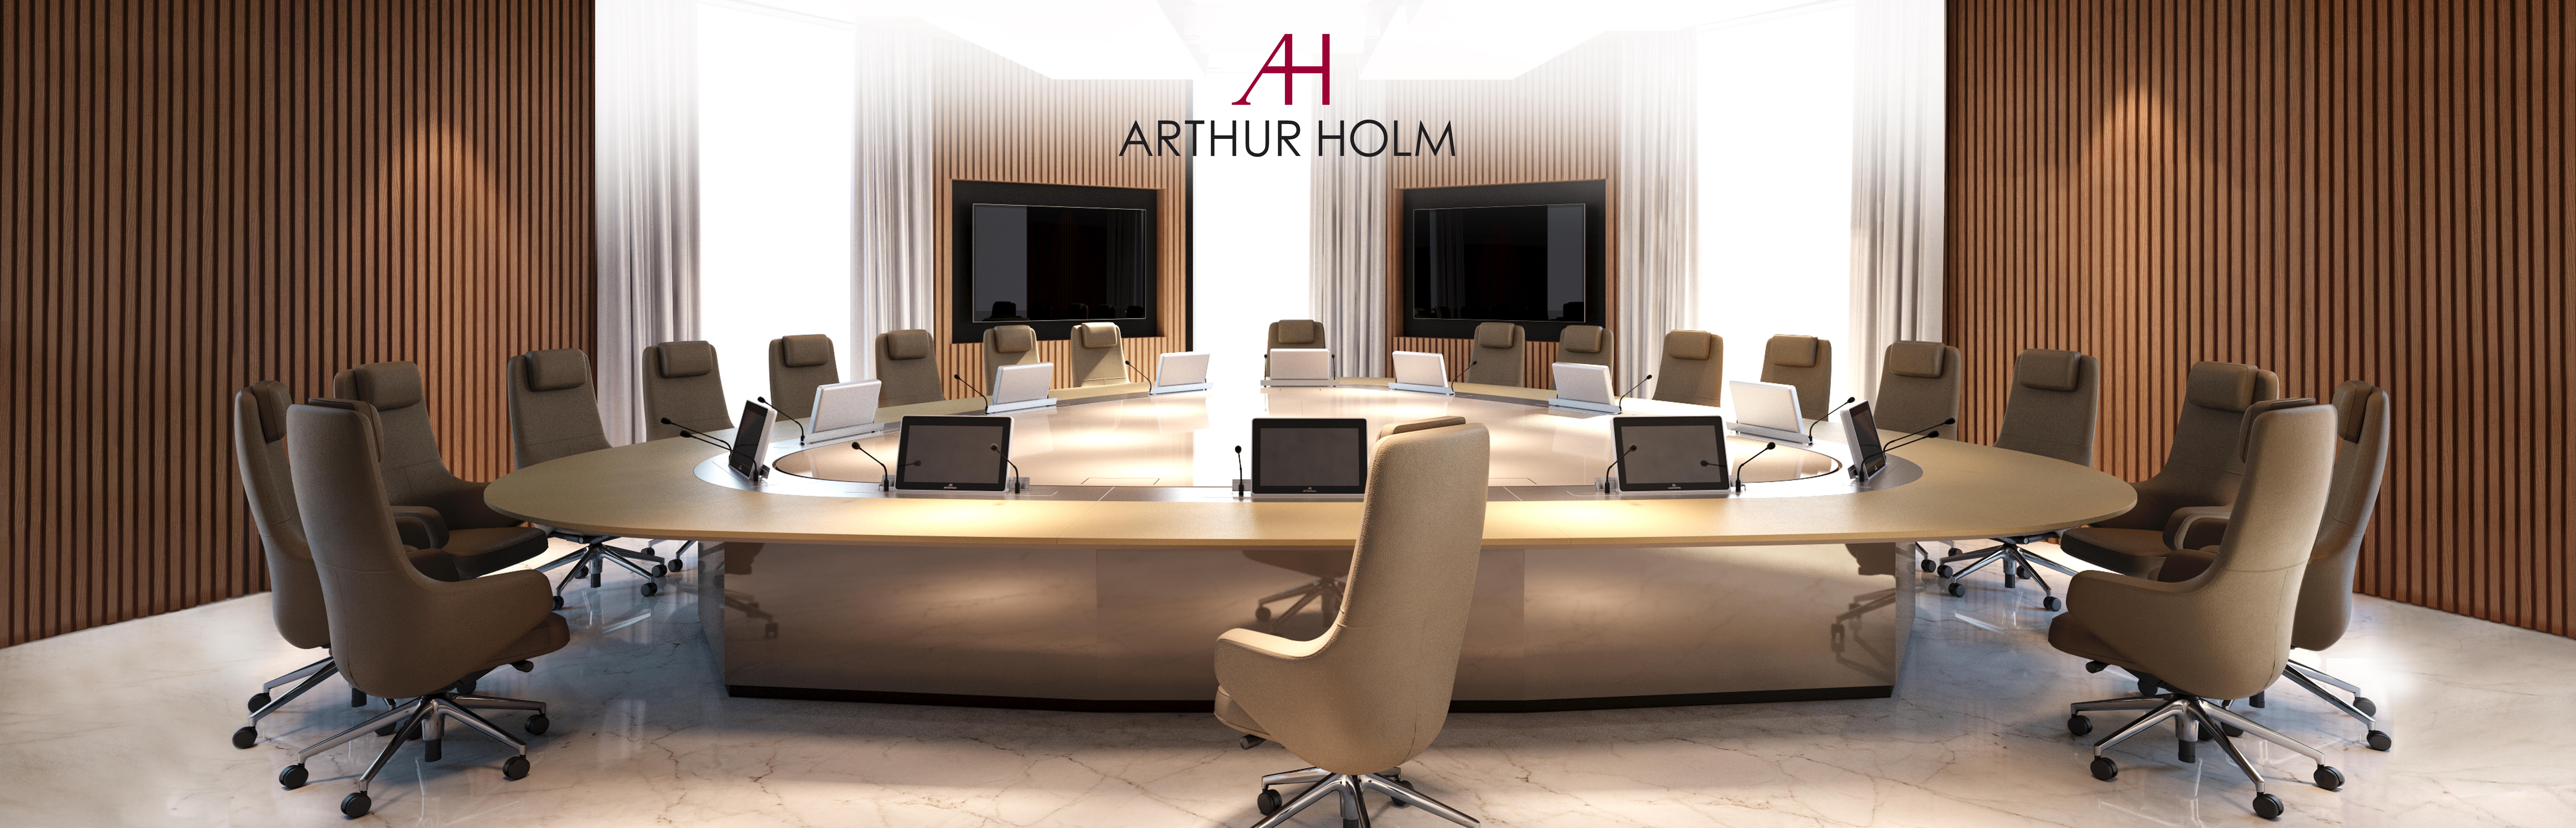 Willkommen bei der Arthur Holm DynamicExpo 2020